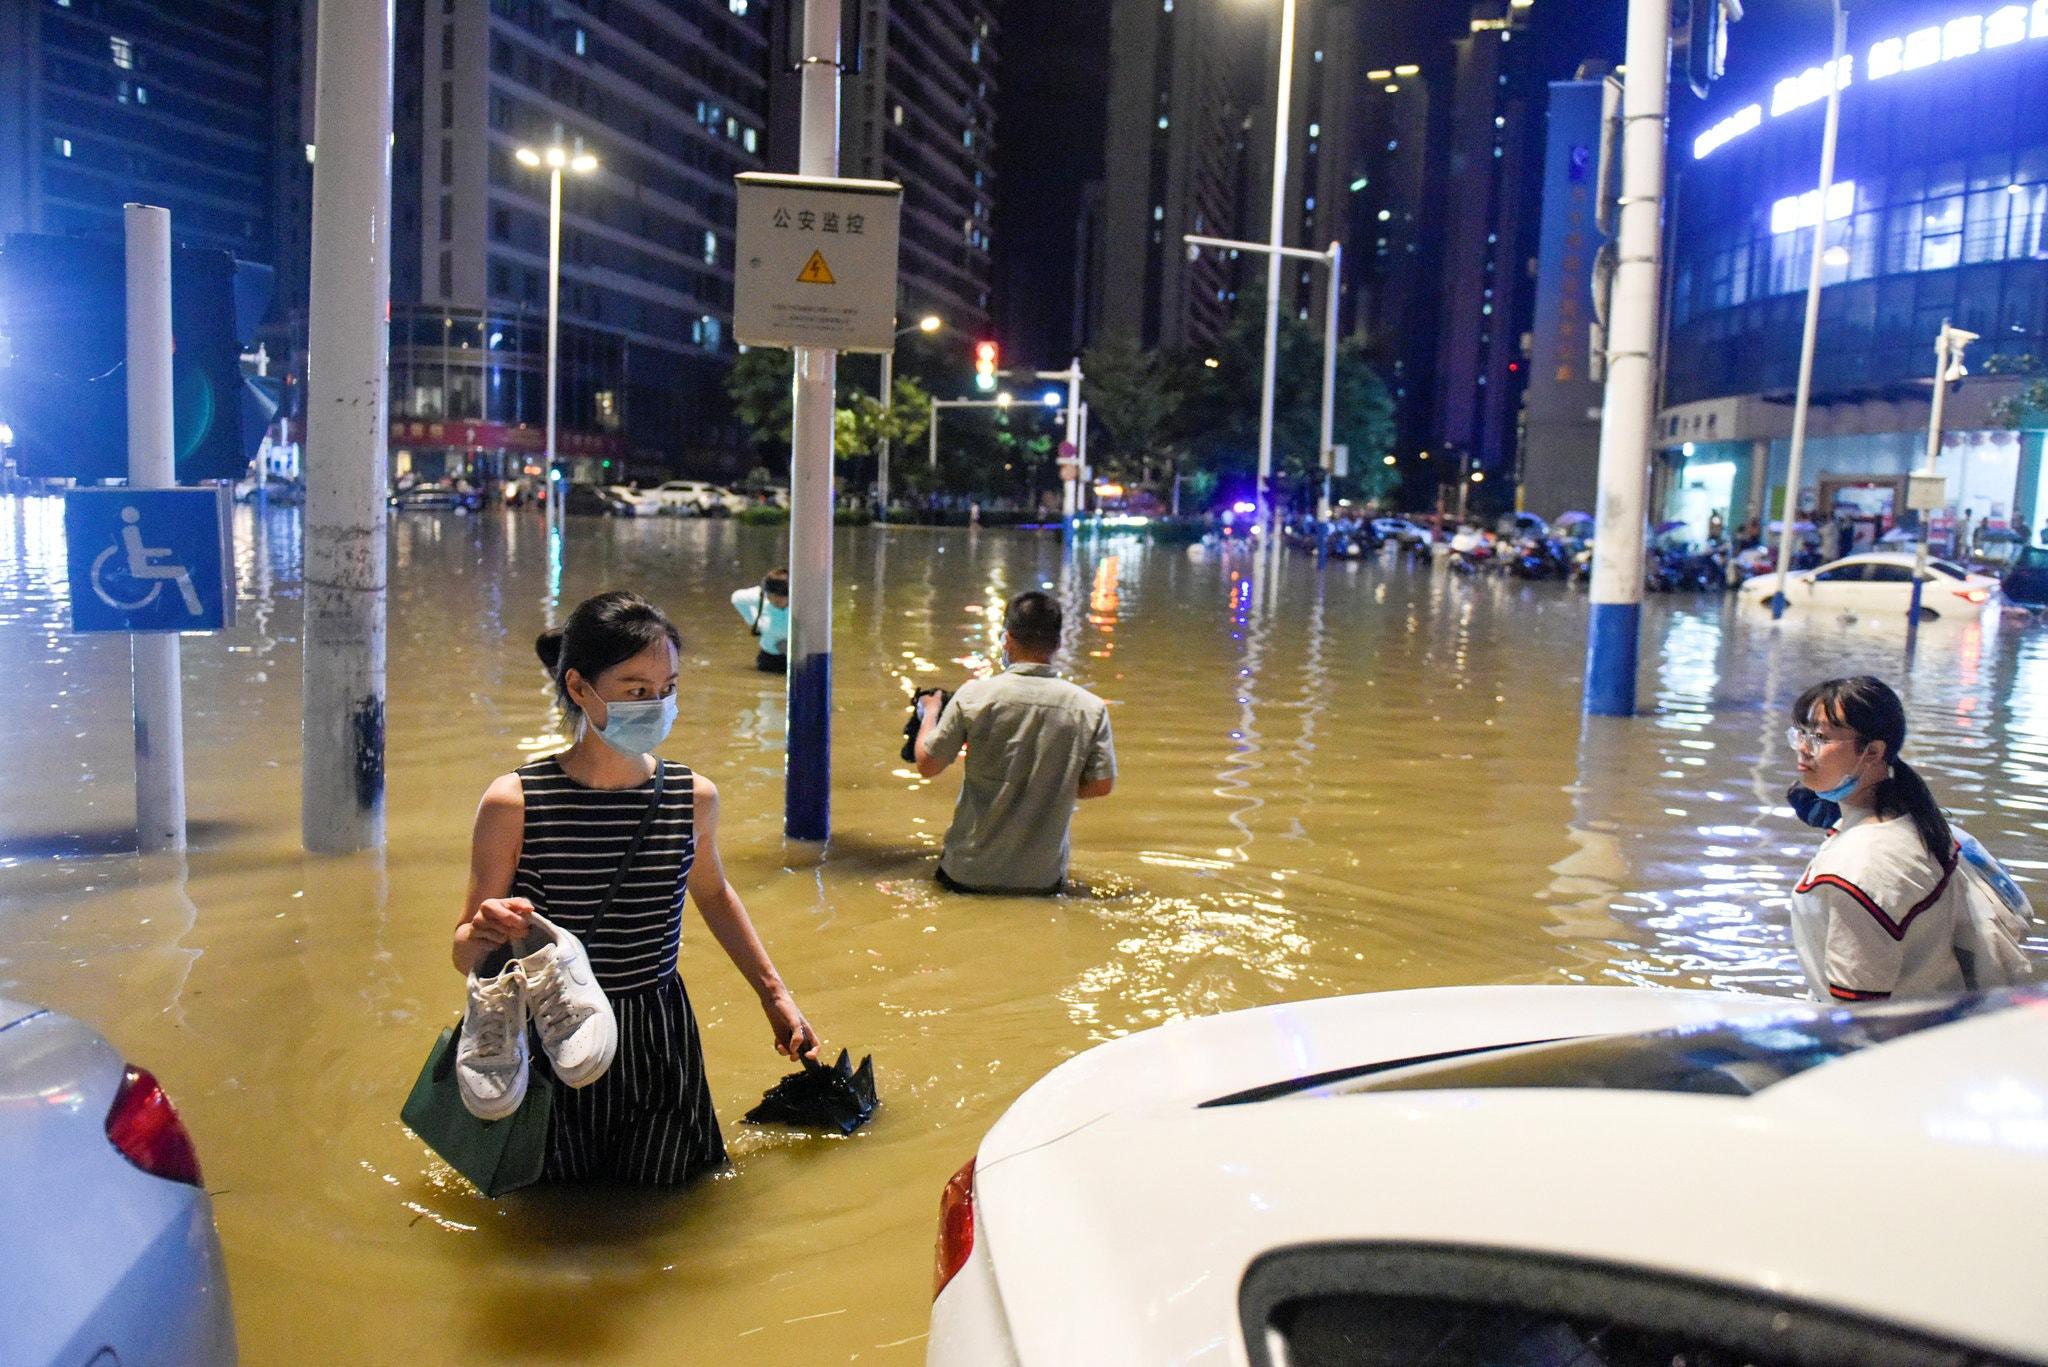 Trung Quốc thiệt hại bao nhiêu khi mưa lũ và nguy cơ vỡ đập? - 1